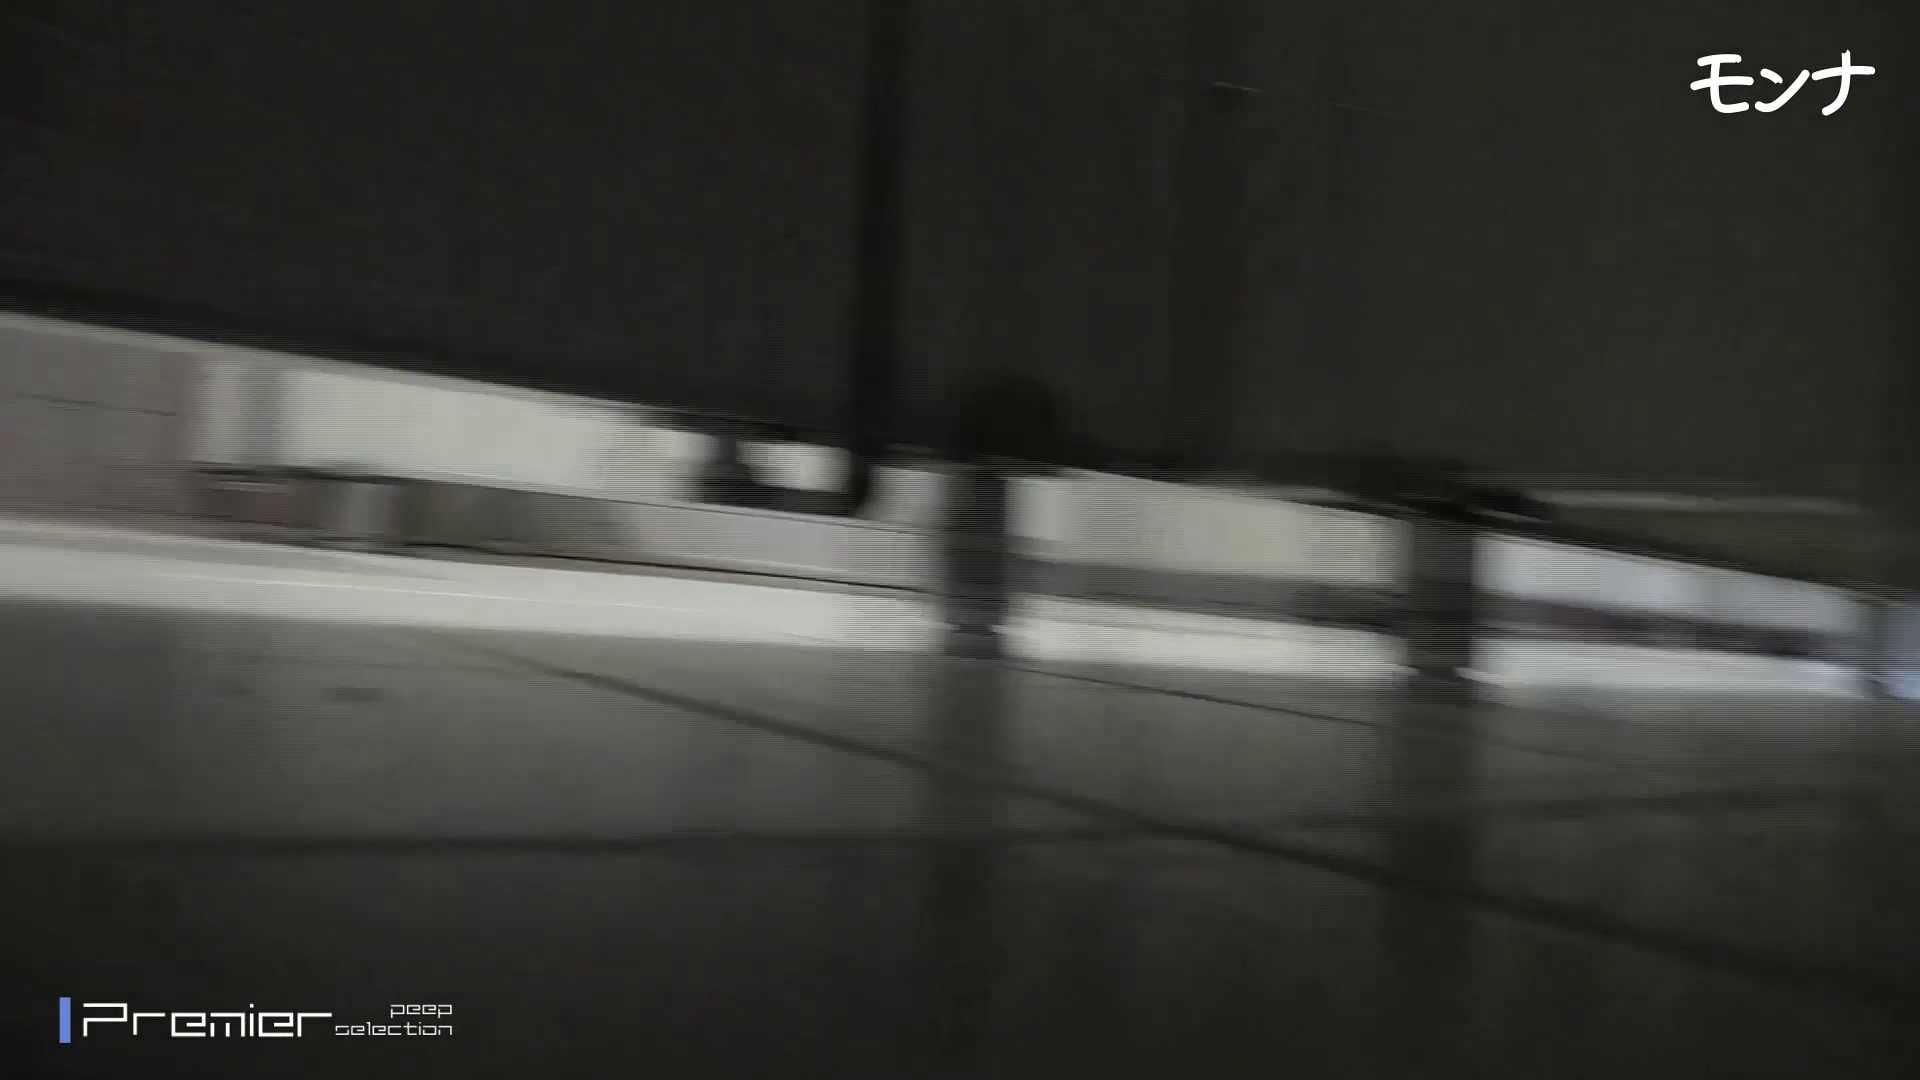 美しい日本の未来 No.58 清楚な顔で、ドロッと大量に!! エッチなお姉さん AV無料動画キャプチャ 110画像 75